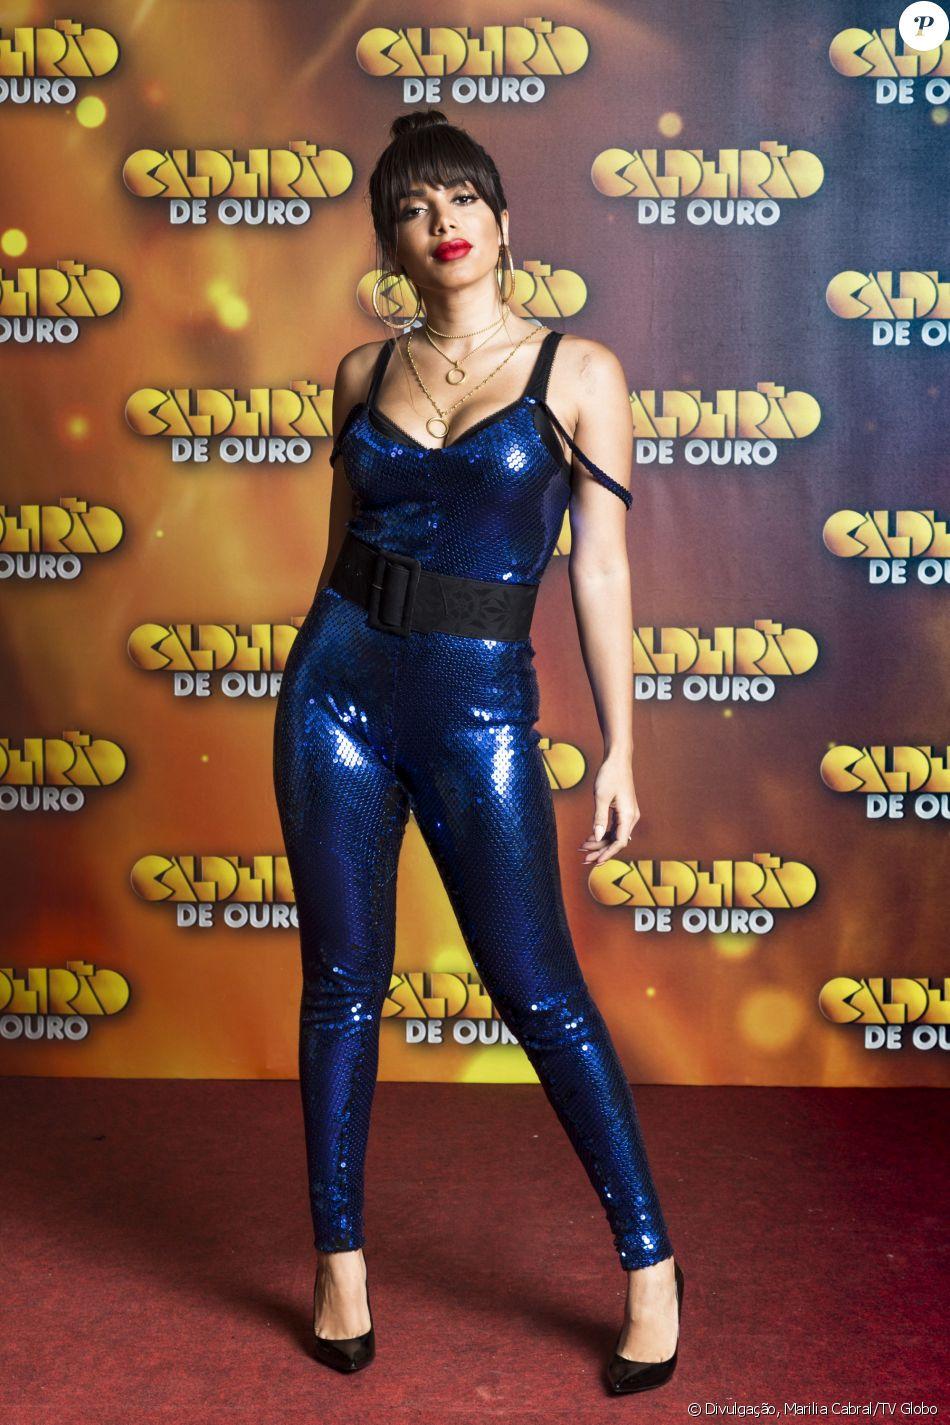 Anitta chamou atenção com um macacão azul brilhoso na gravação do 'Caldeirão de Ouro', edição especial do 'Caldeirão do Huck', em 12 de dezembro de 2017